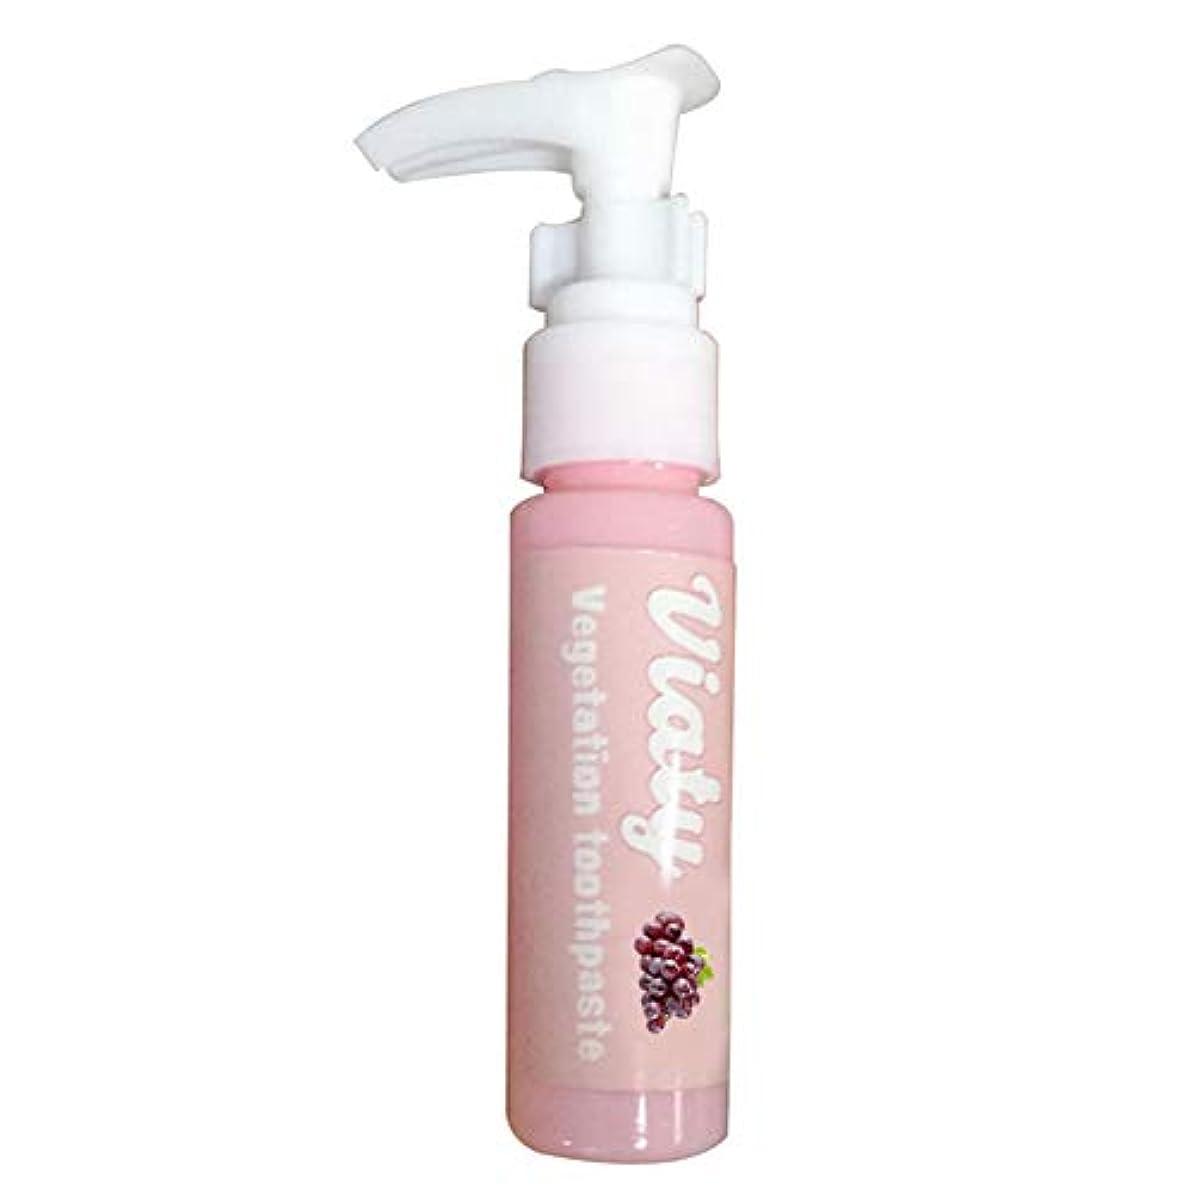 ビジターイタリアの動くAylincool 歯磨き粉を押す旅行ベーキングソーダを白くする装置のフルーティーなベーキングソーダ歯磨き粉